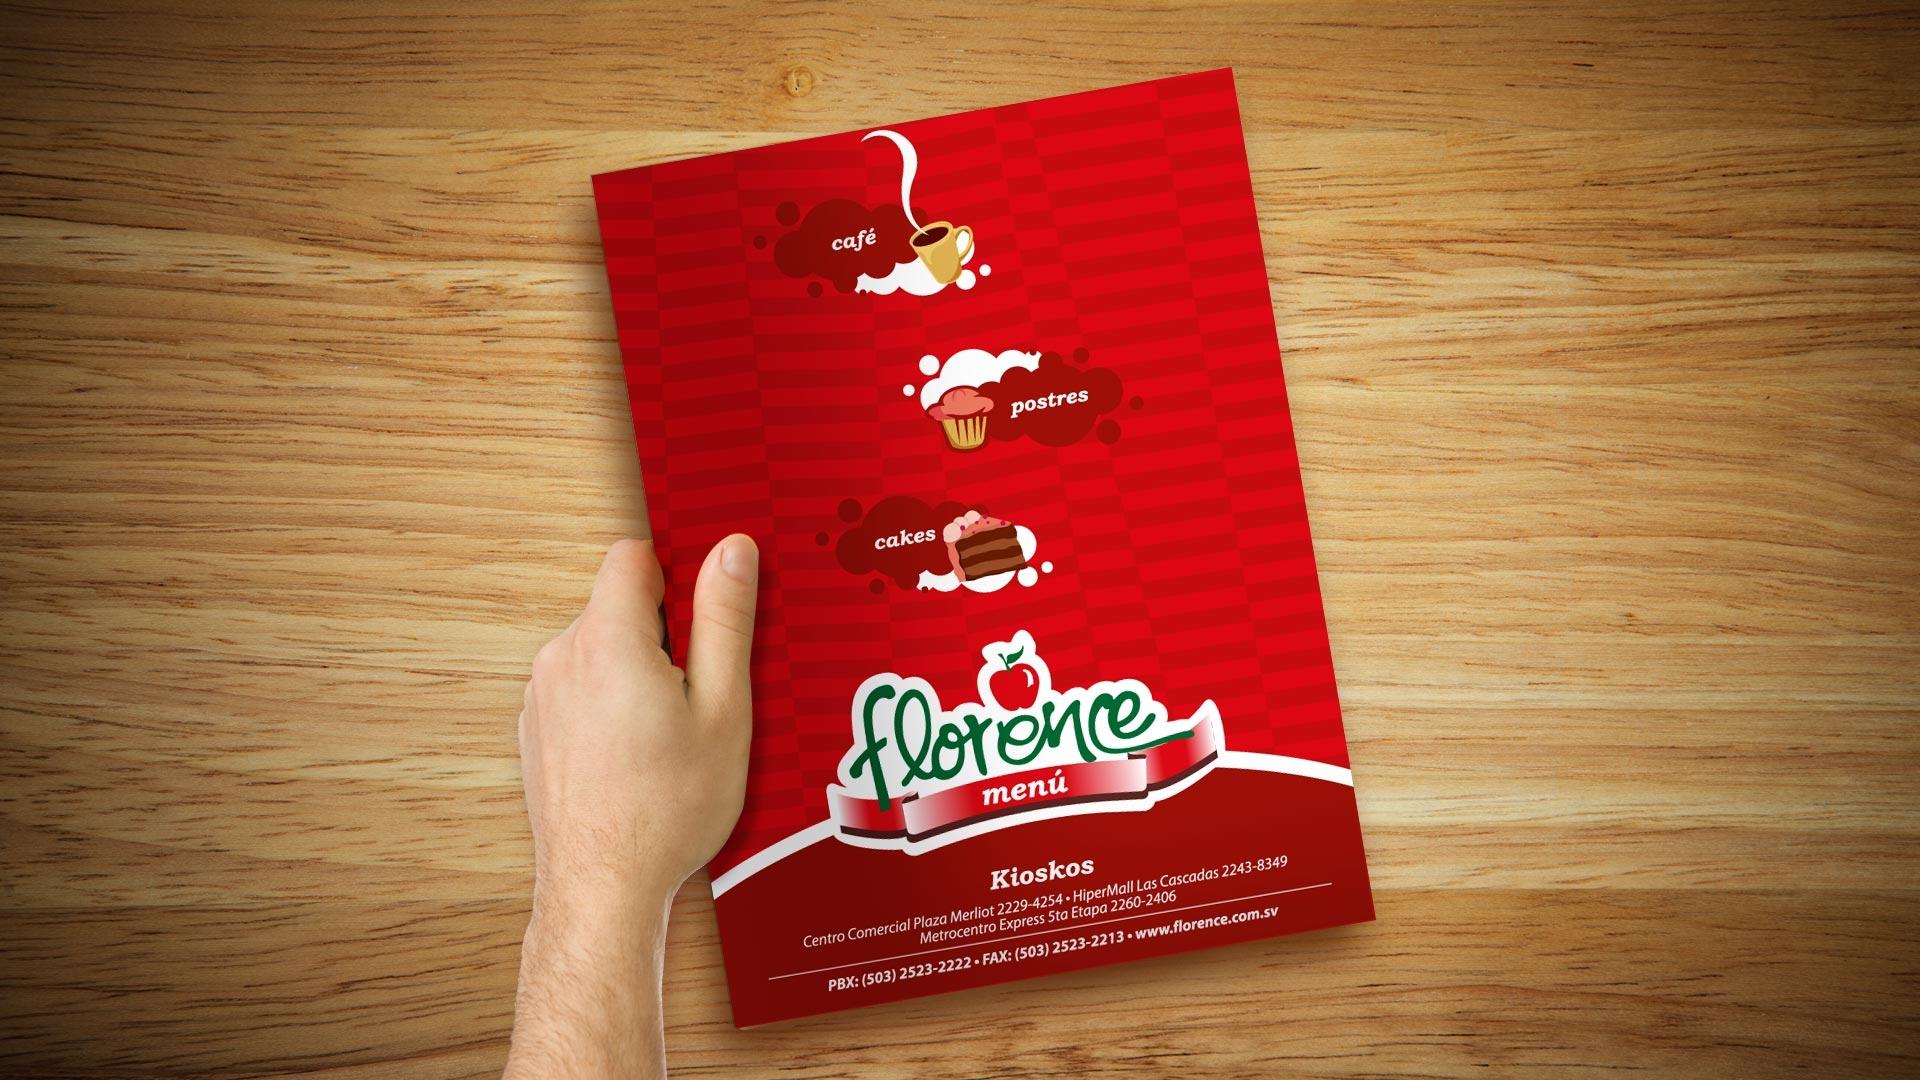 florence_menu_kiosko_2